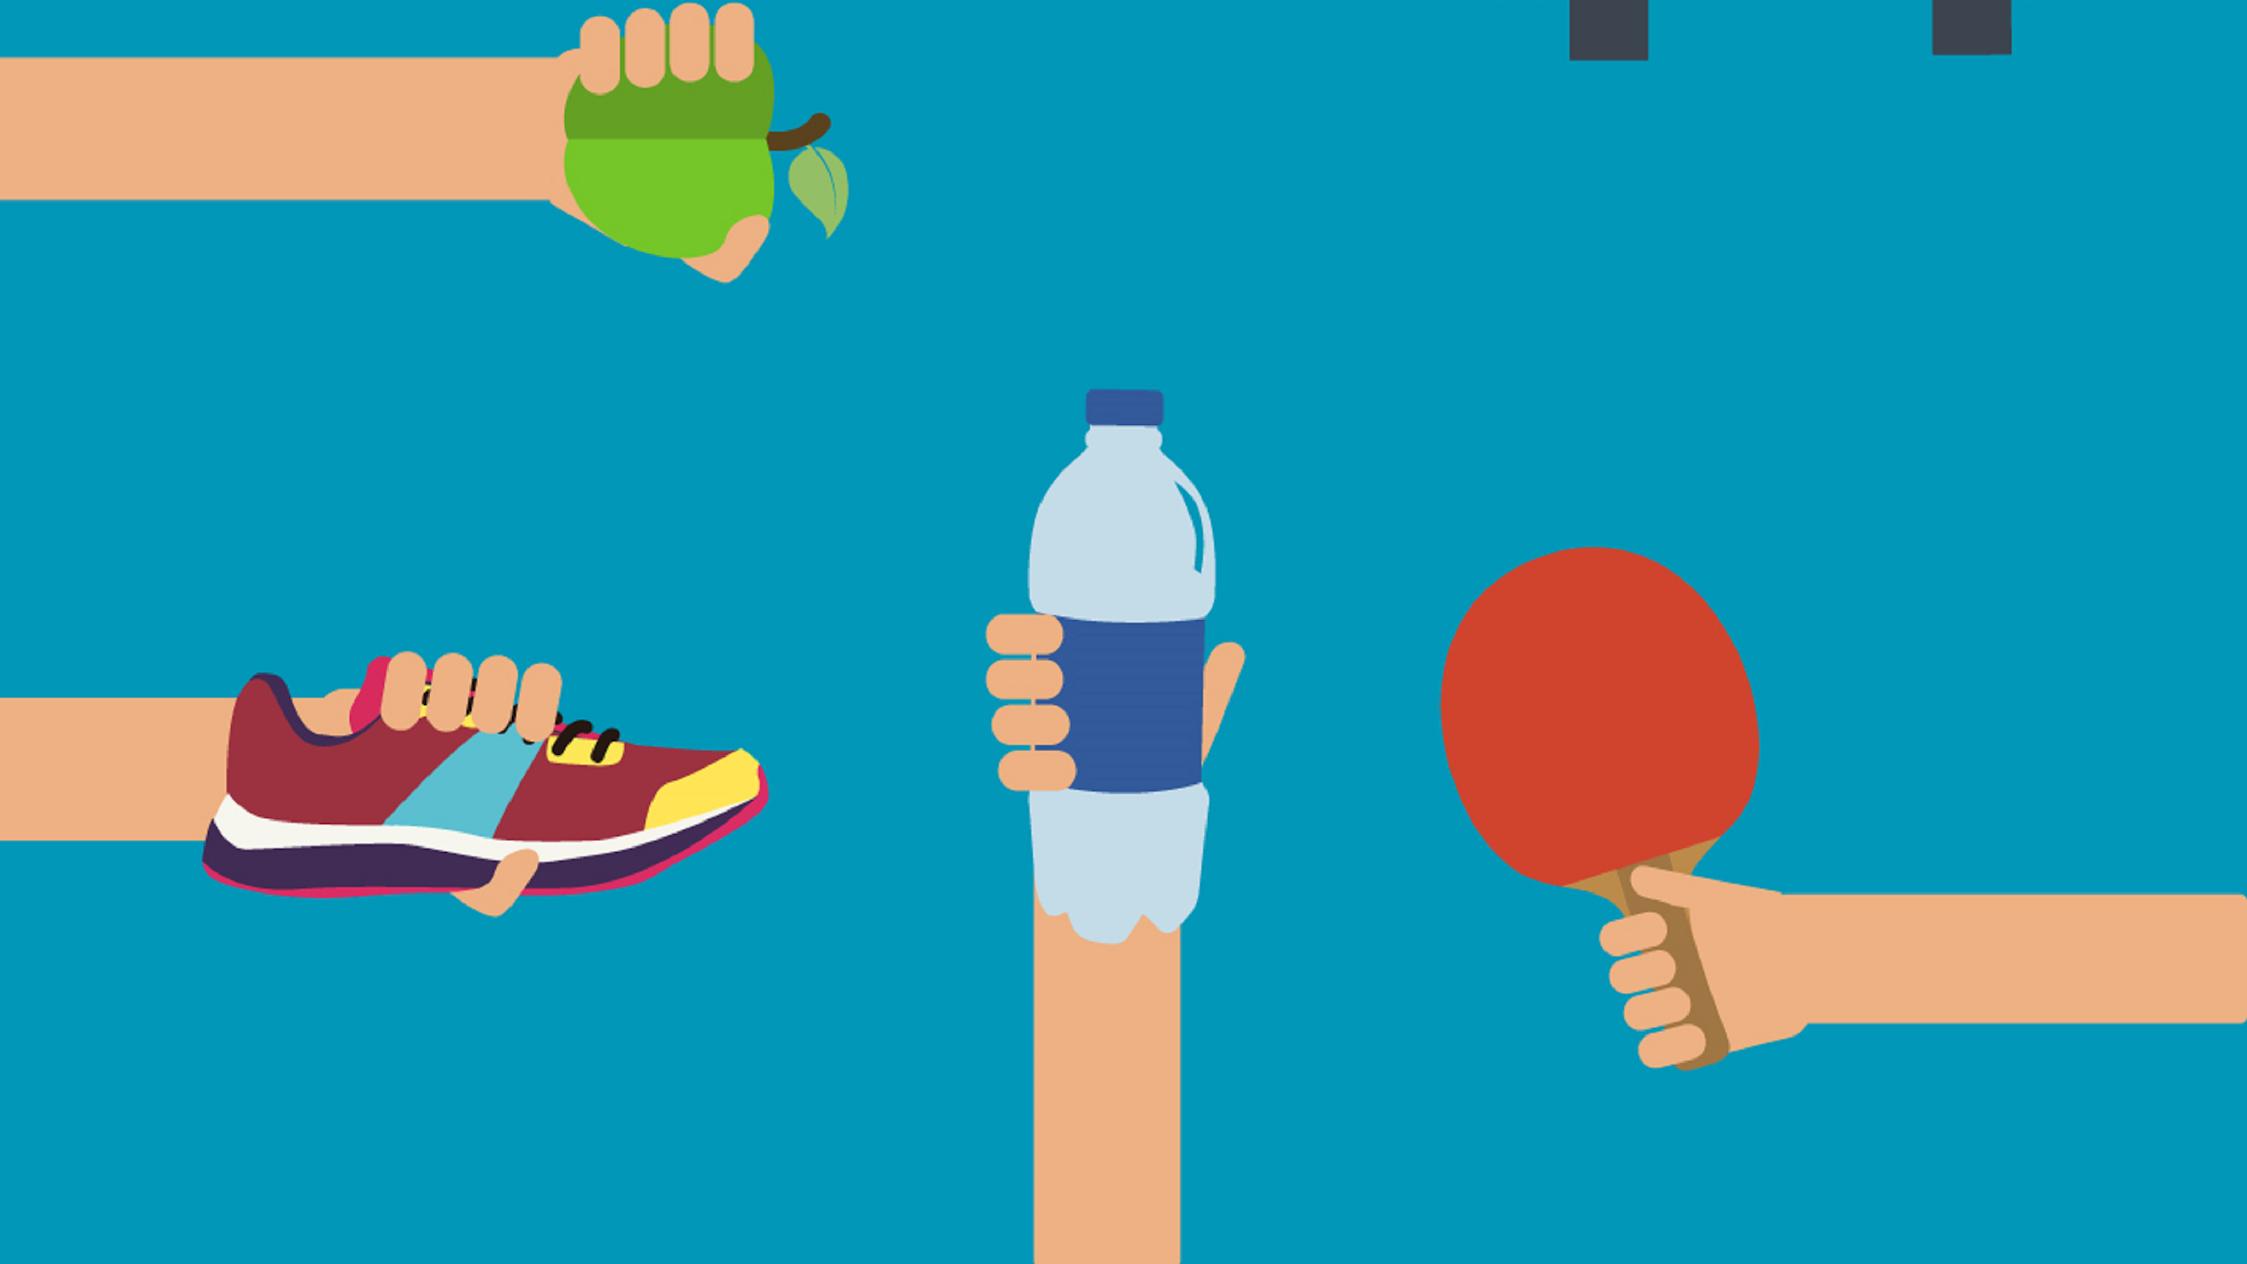 ❤️ Premium Health & Fitness Apps